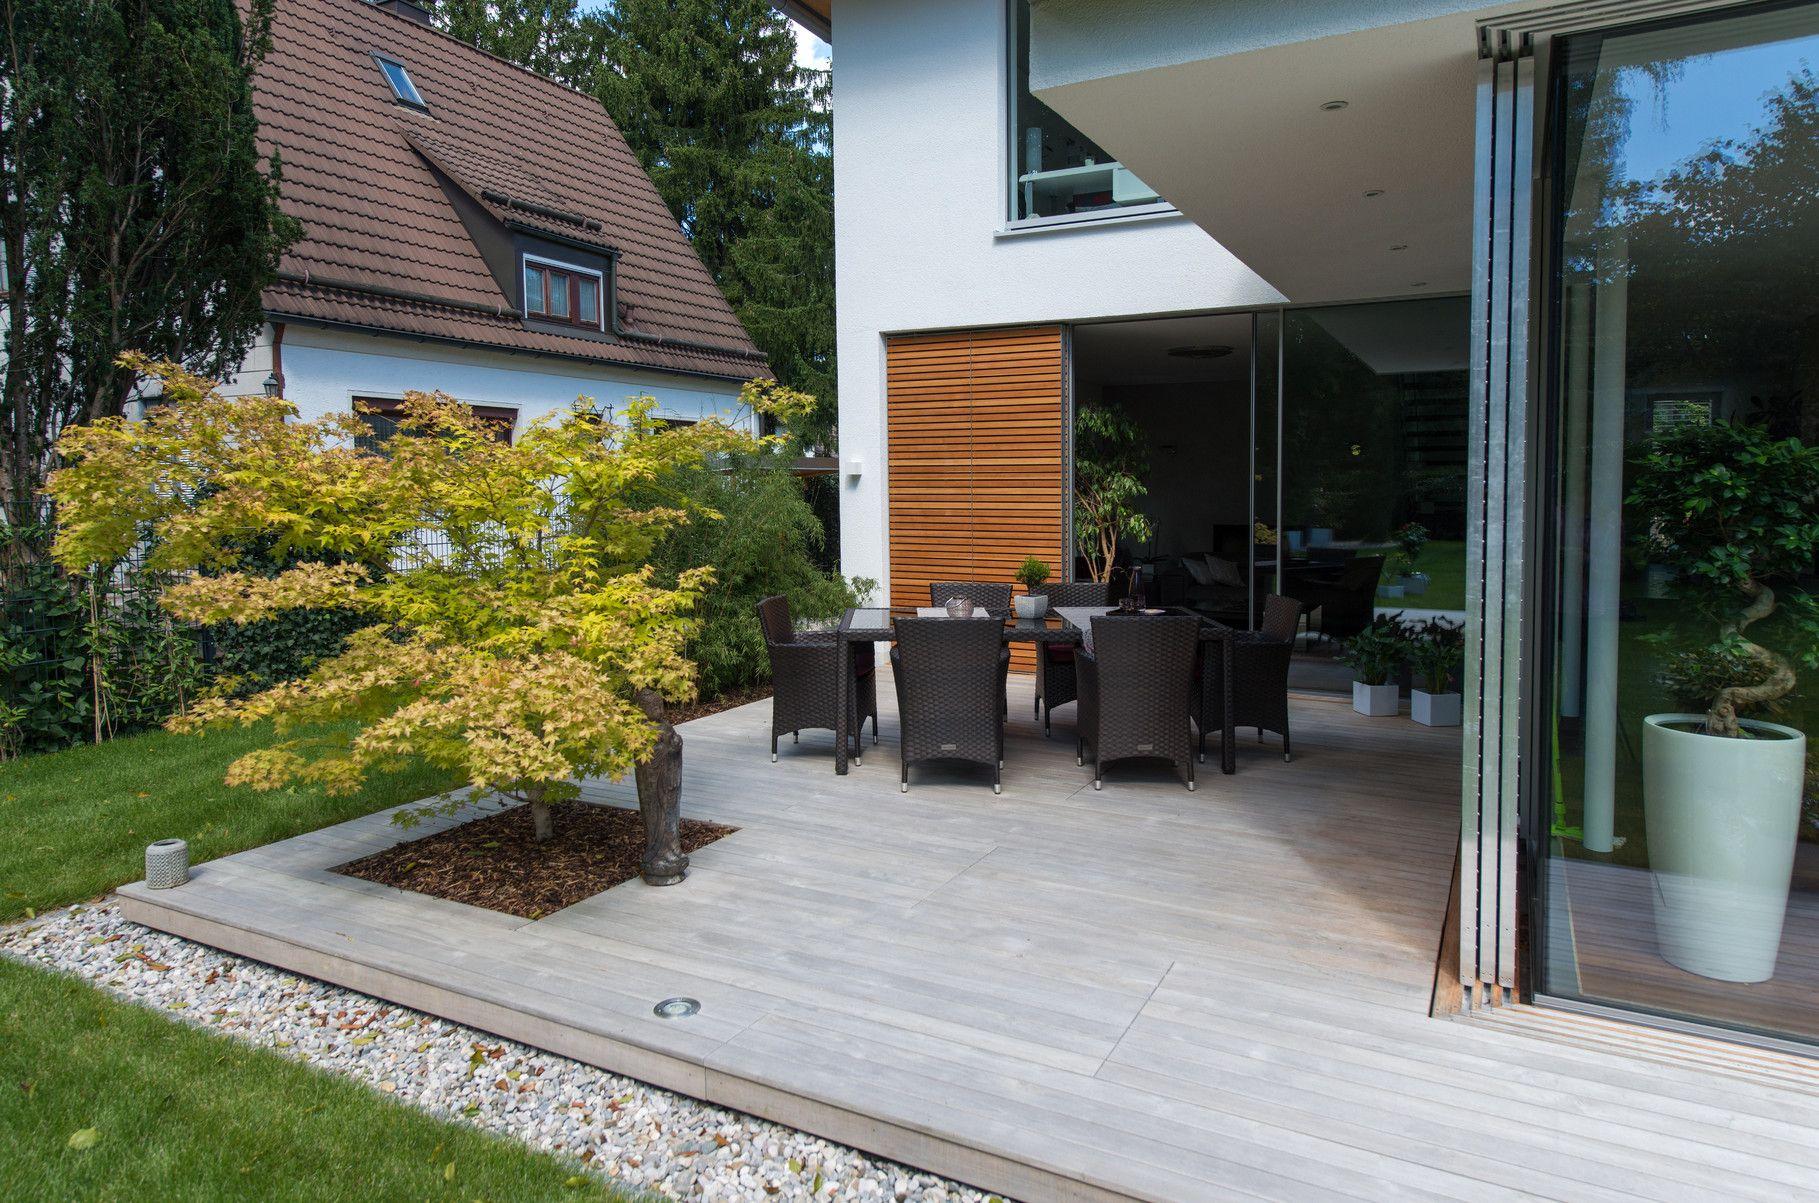 Holzterrasse München 15 jahre holzterrassen die holzterrasse münchen terrasse